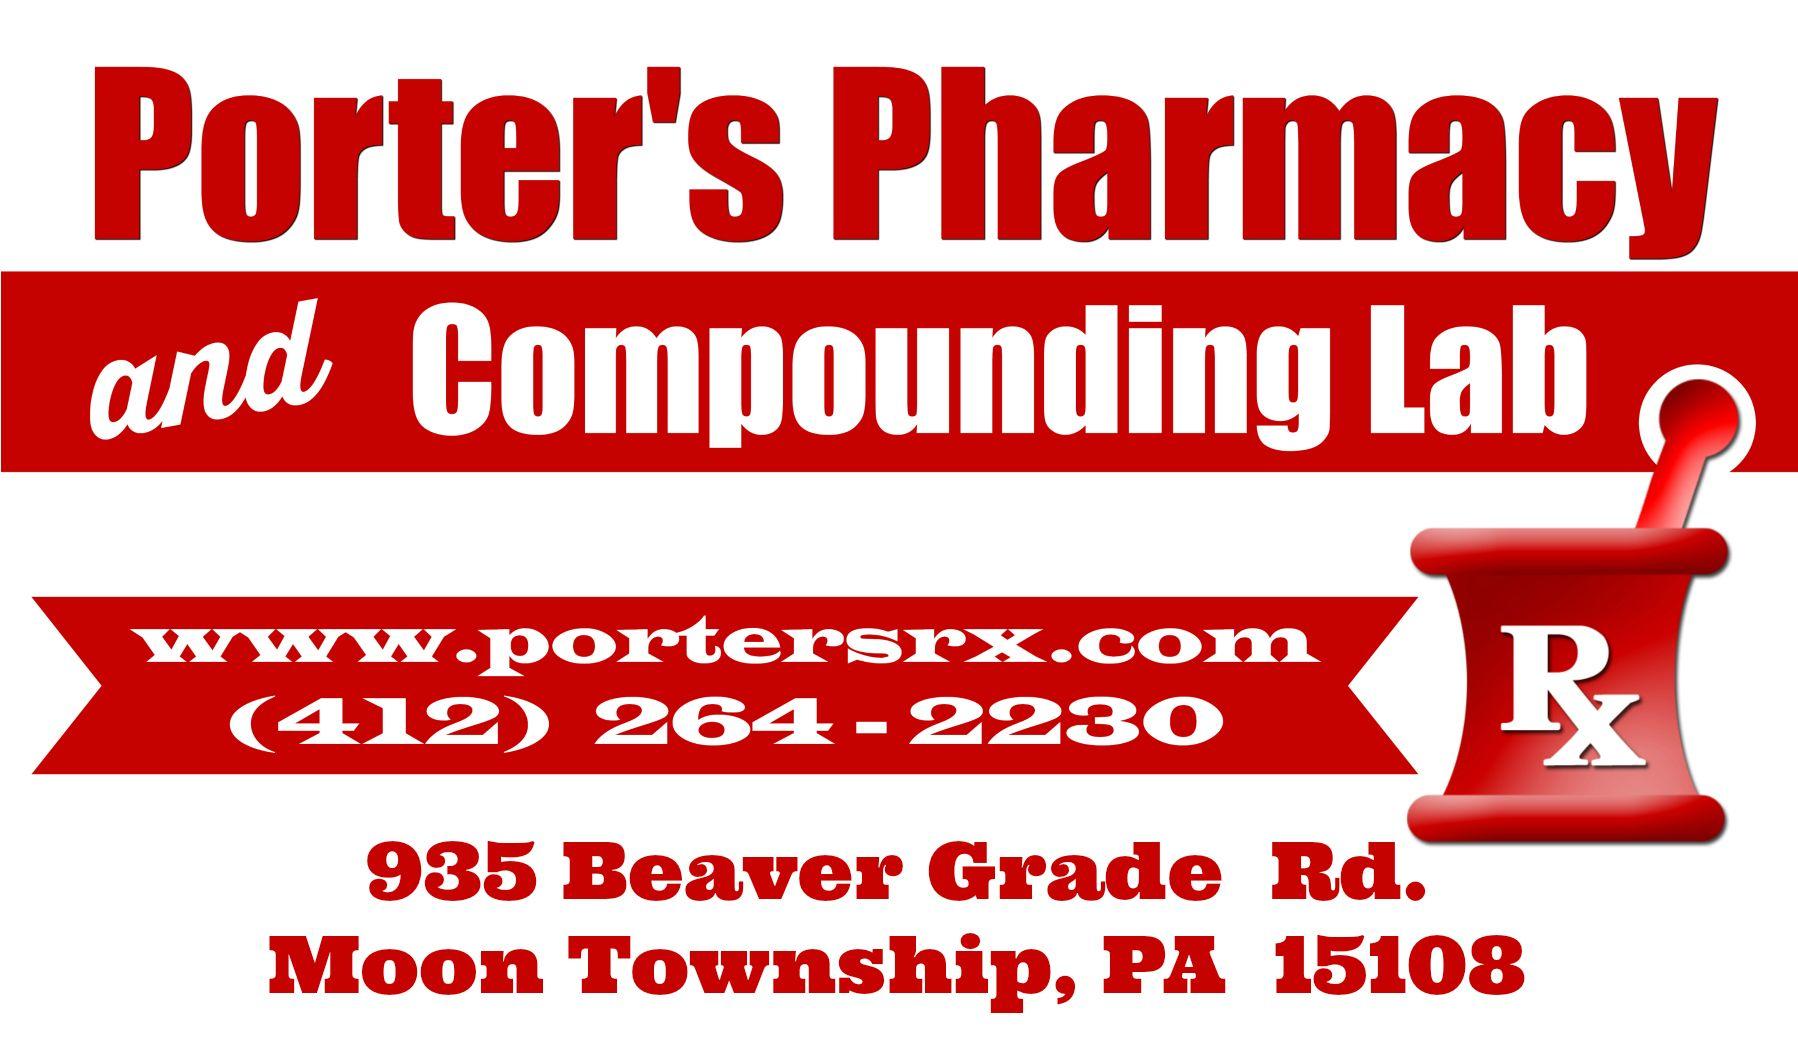 Porter's Pharmacy